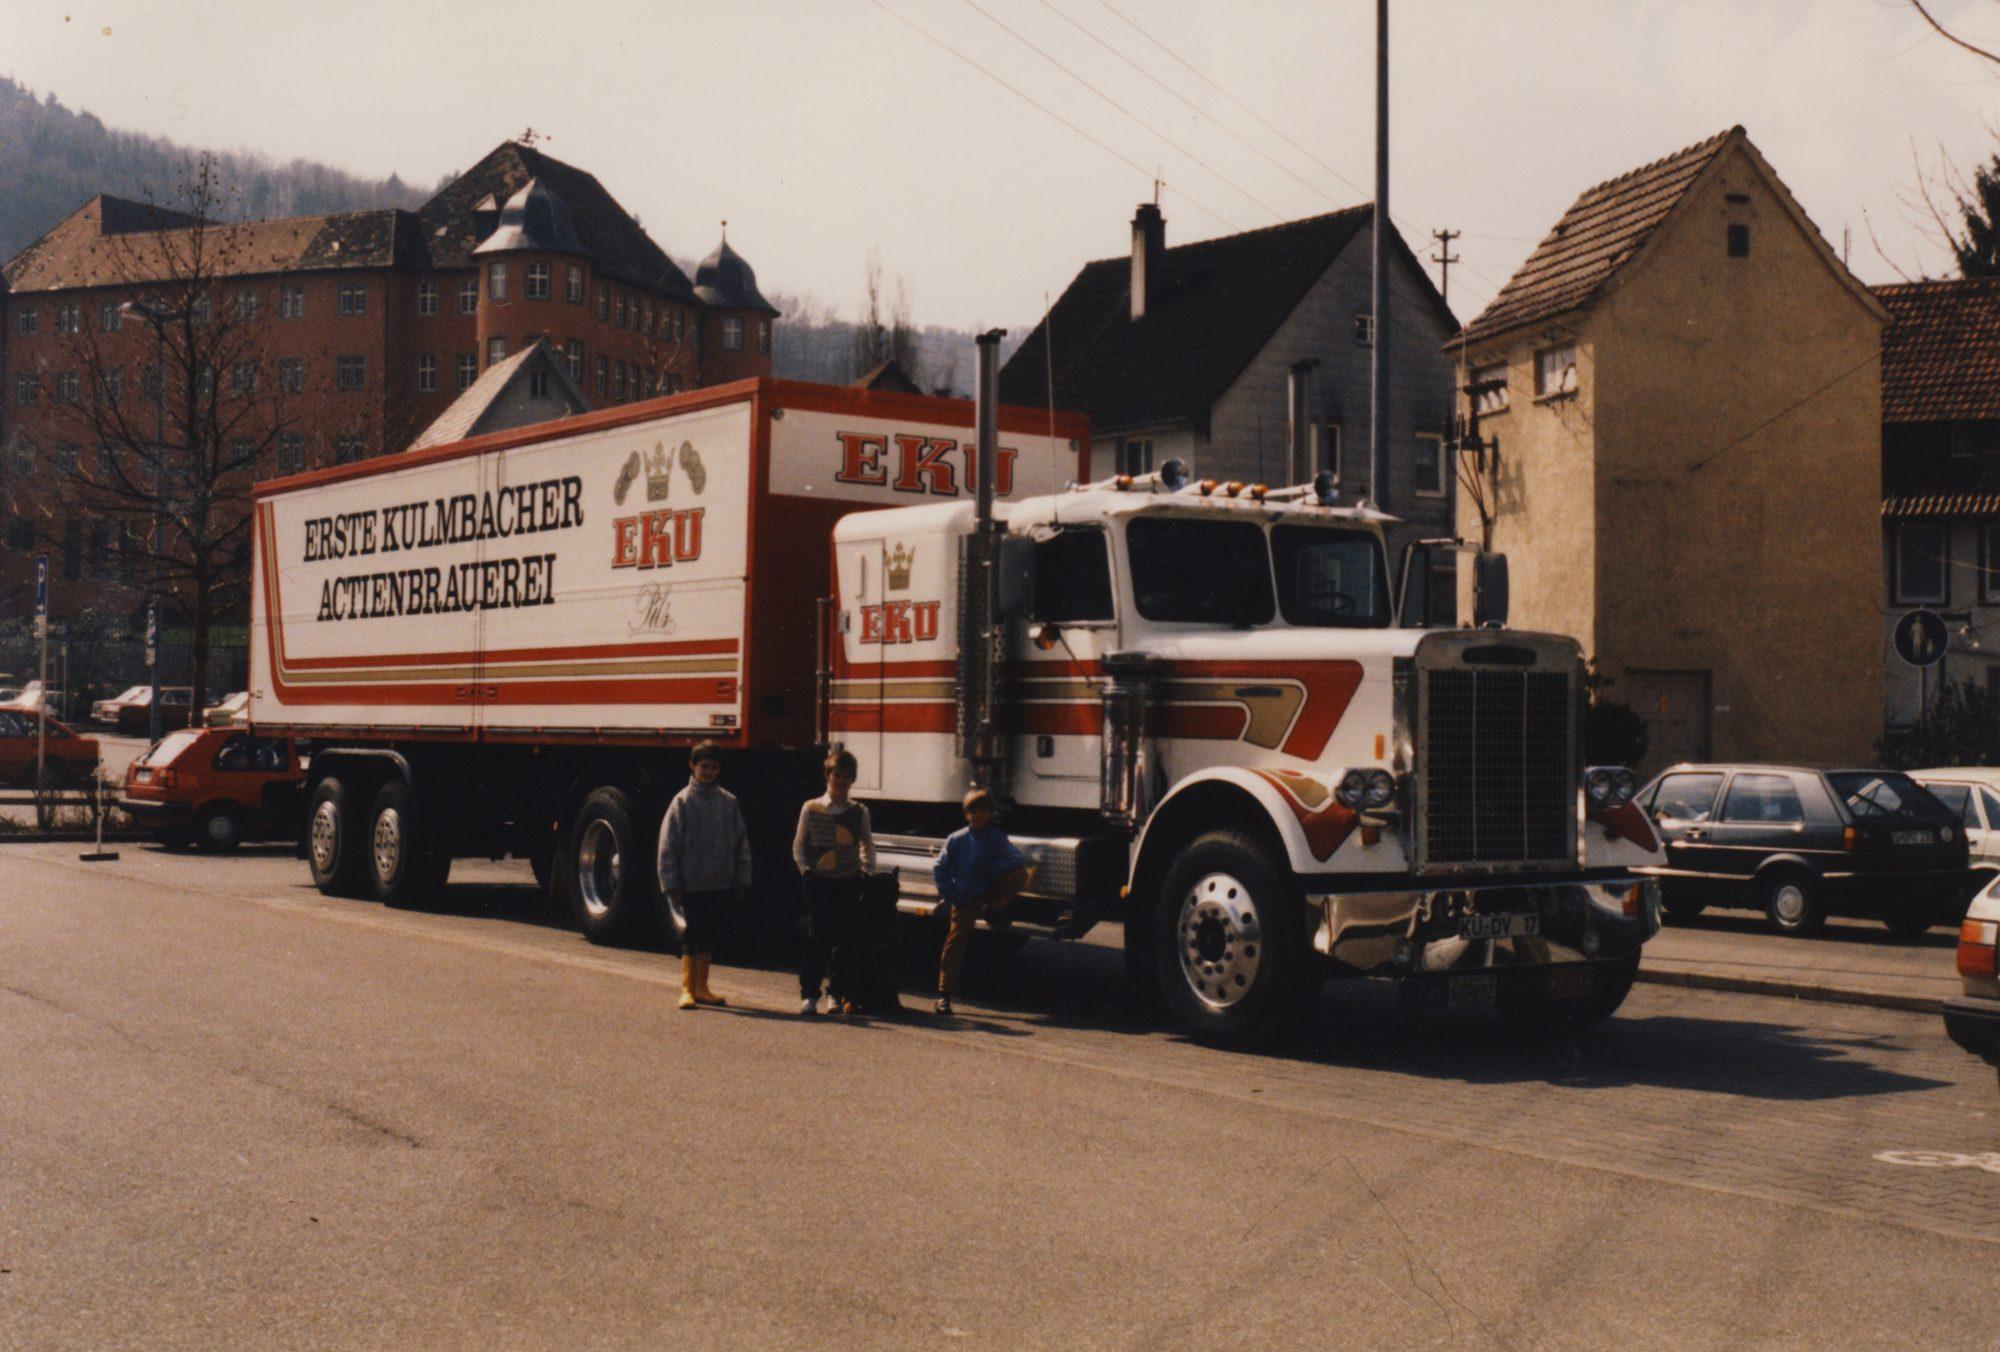 1986 - Der EKU Freightliner Truck in Künzelsau. Thilo, Michael und Florian